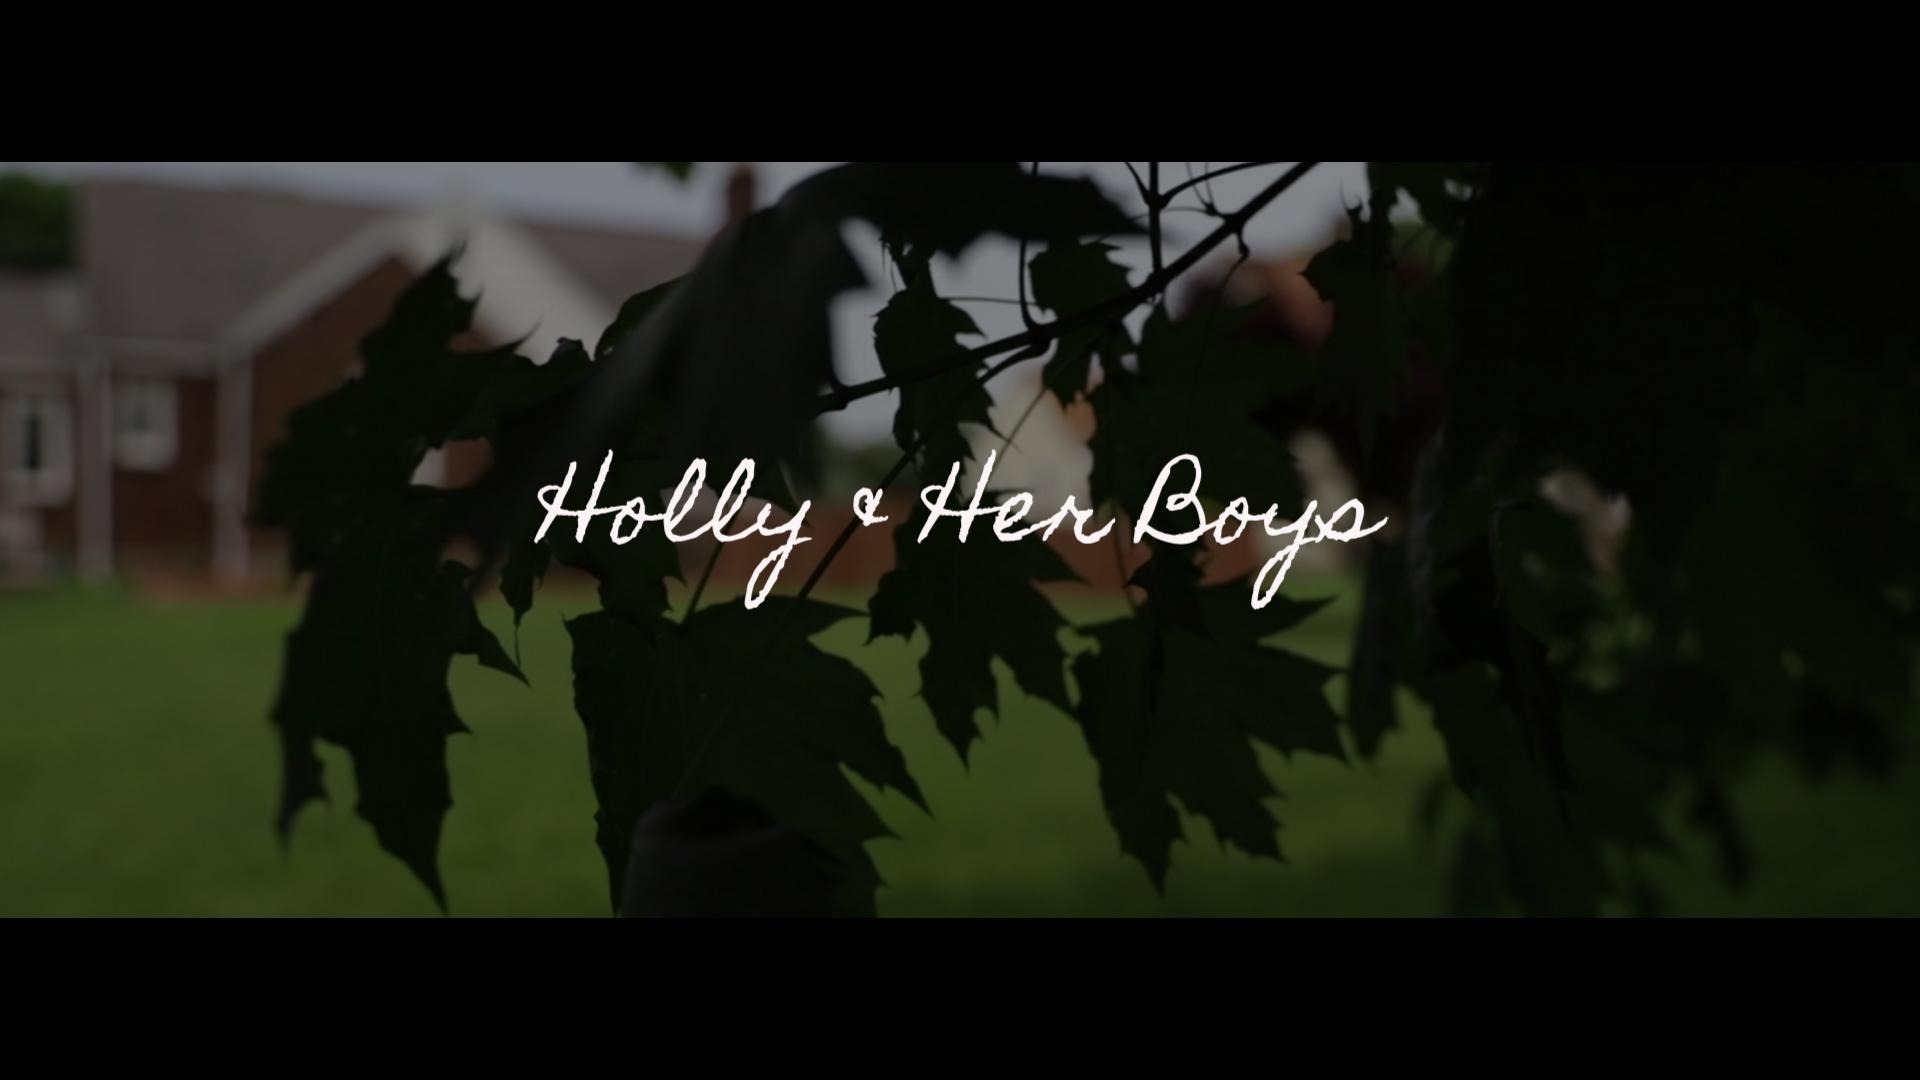 HOLLY & HER BOYS